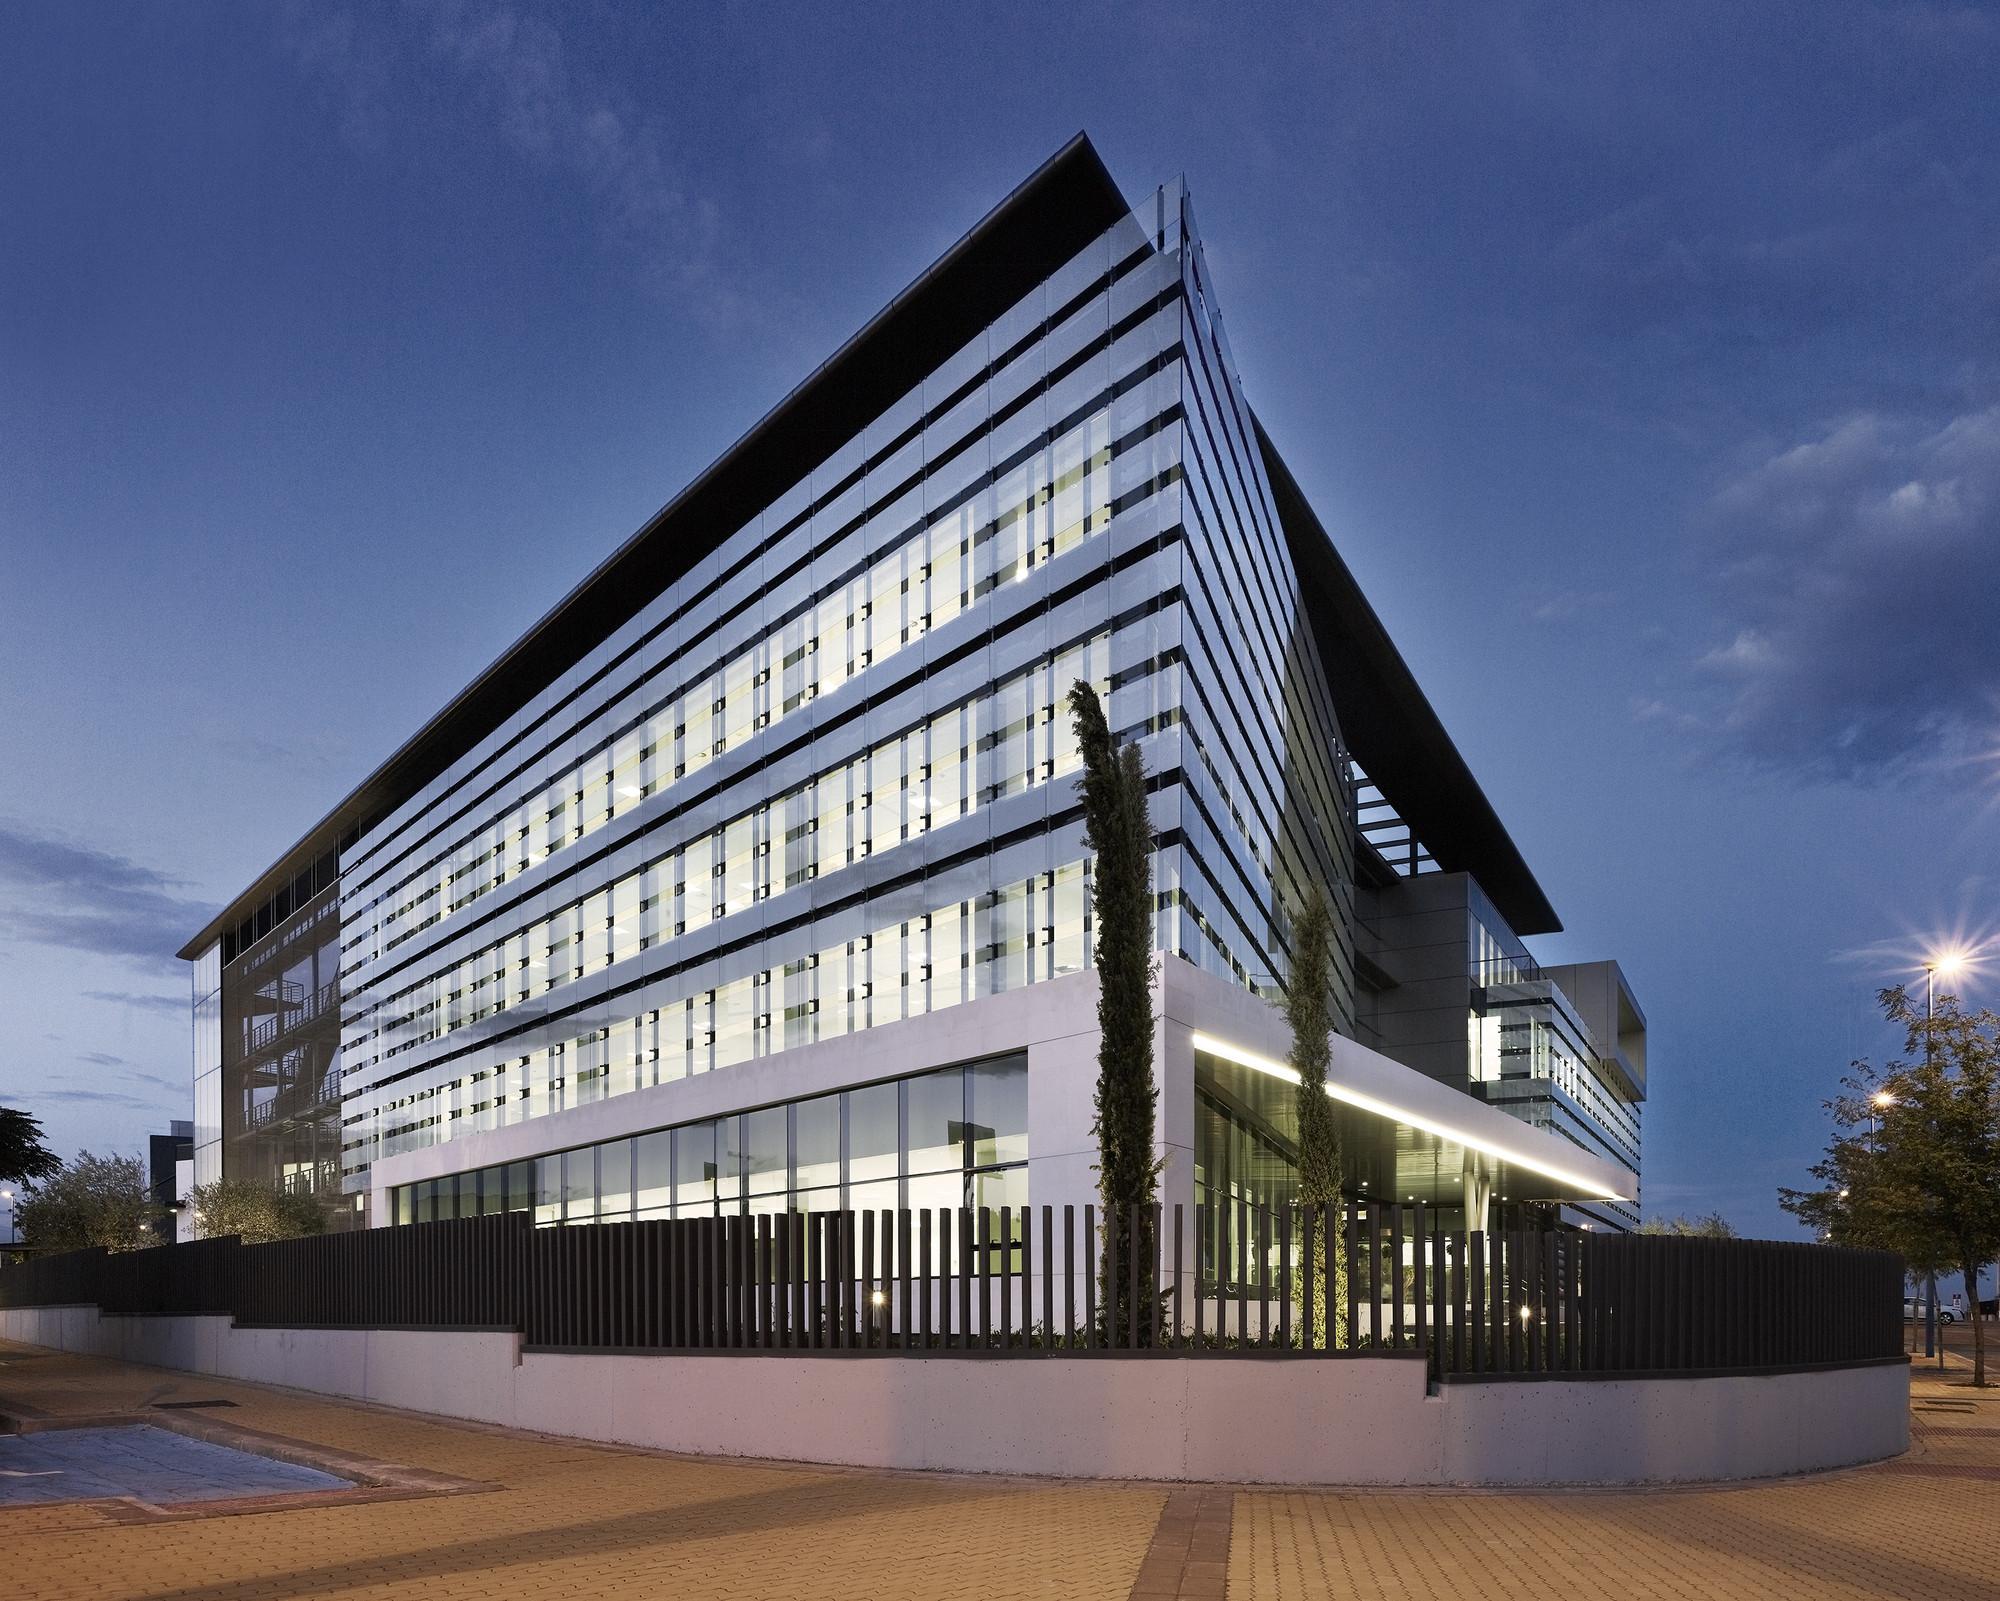 Edificio bit cora touza arquitectos plataforma for Tipos de escaleras arquitectura